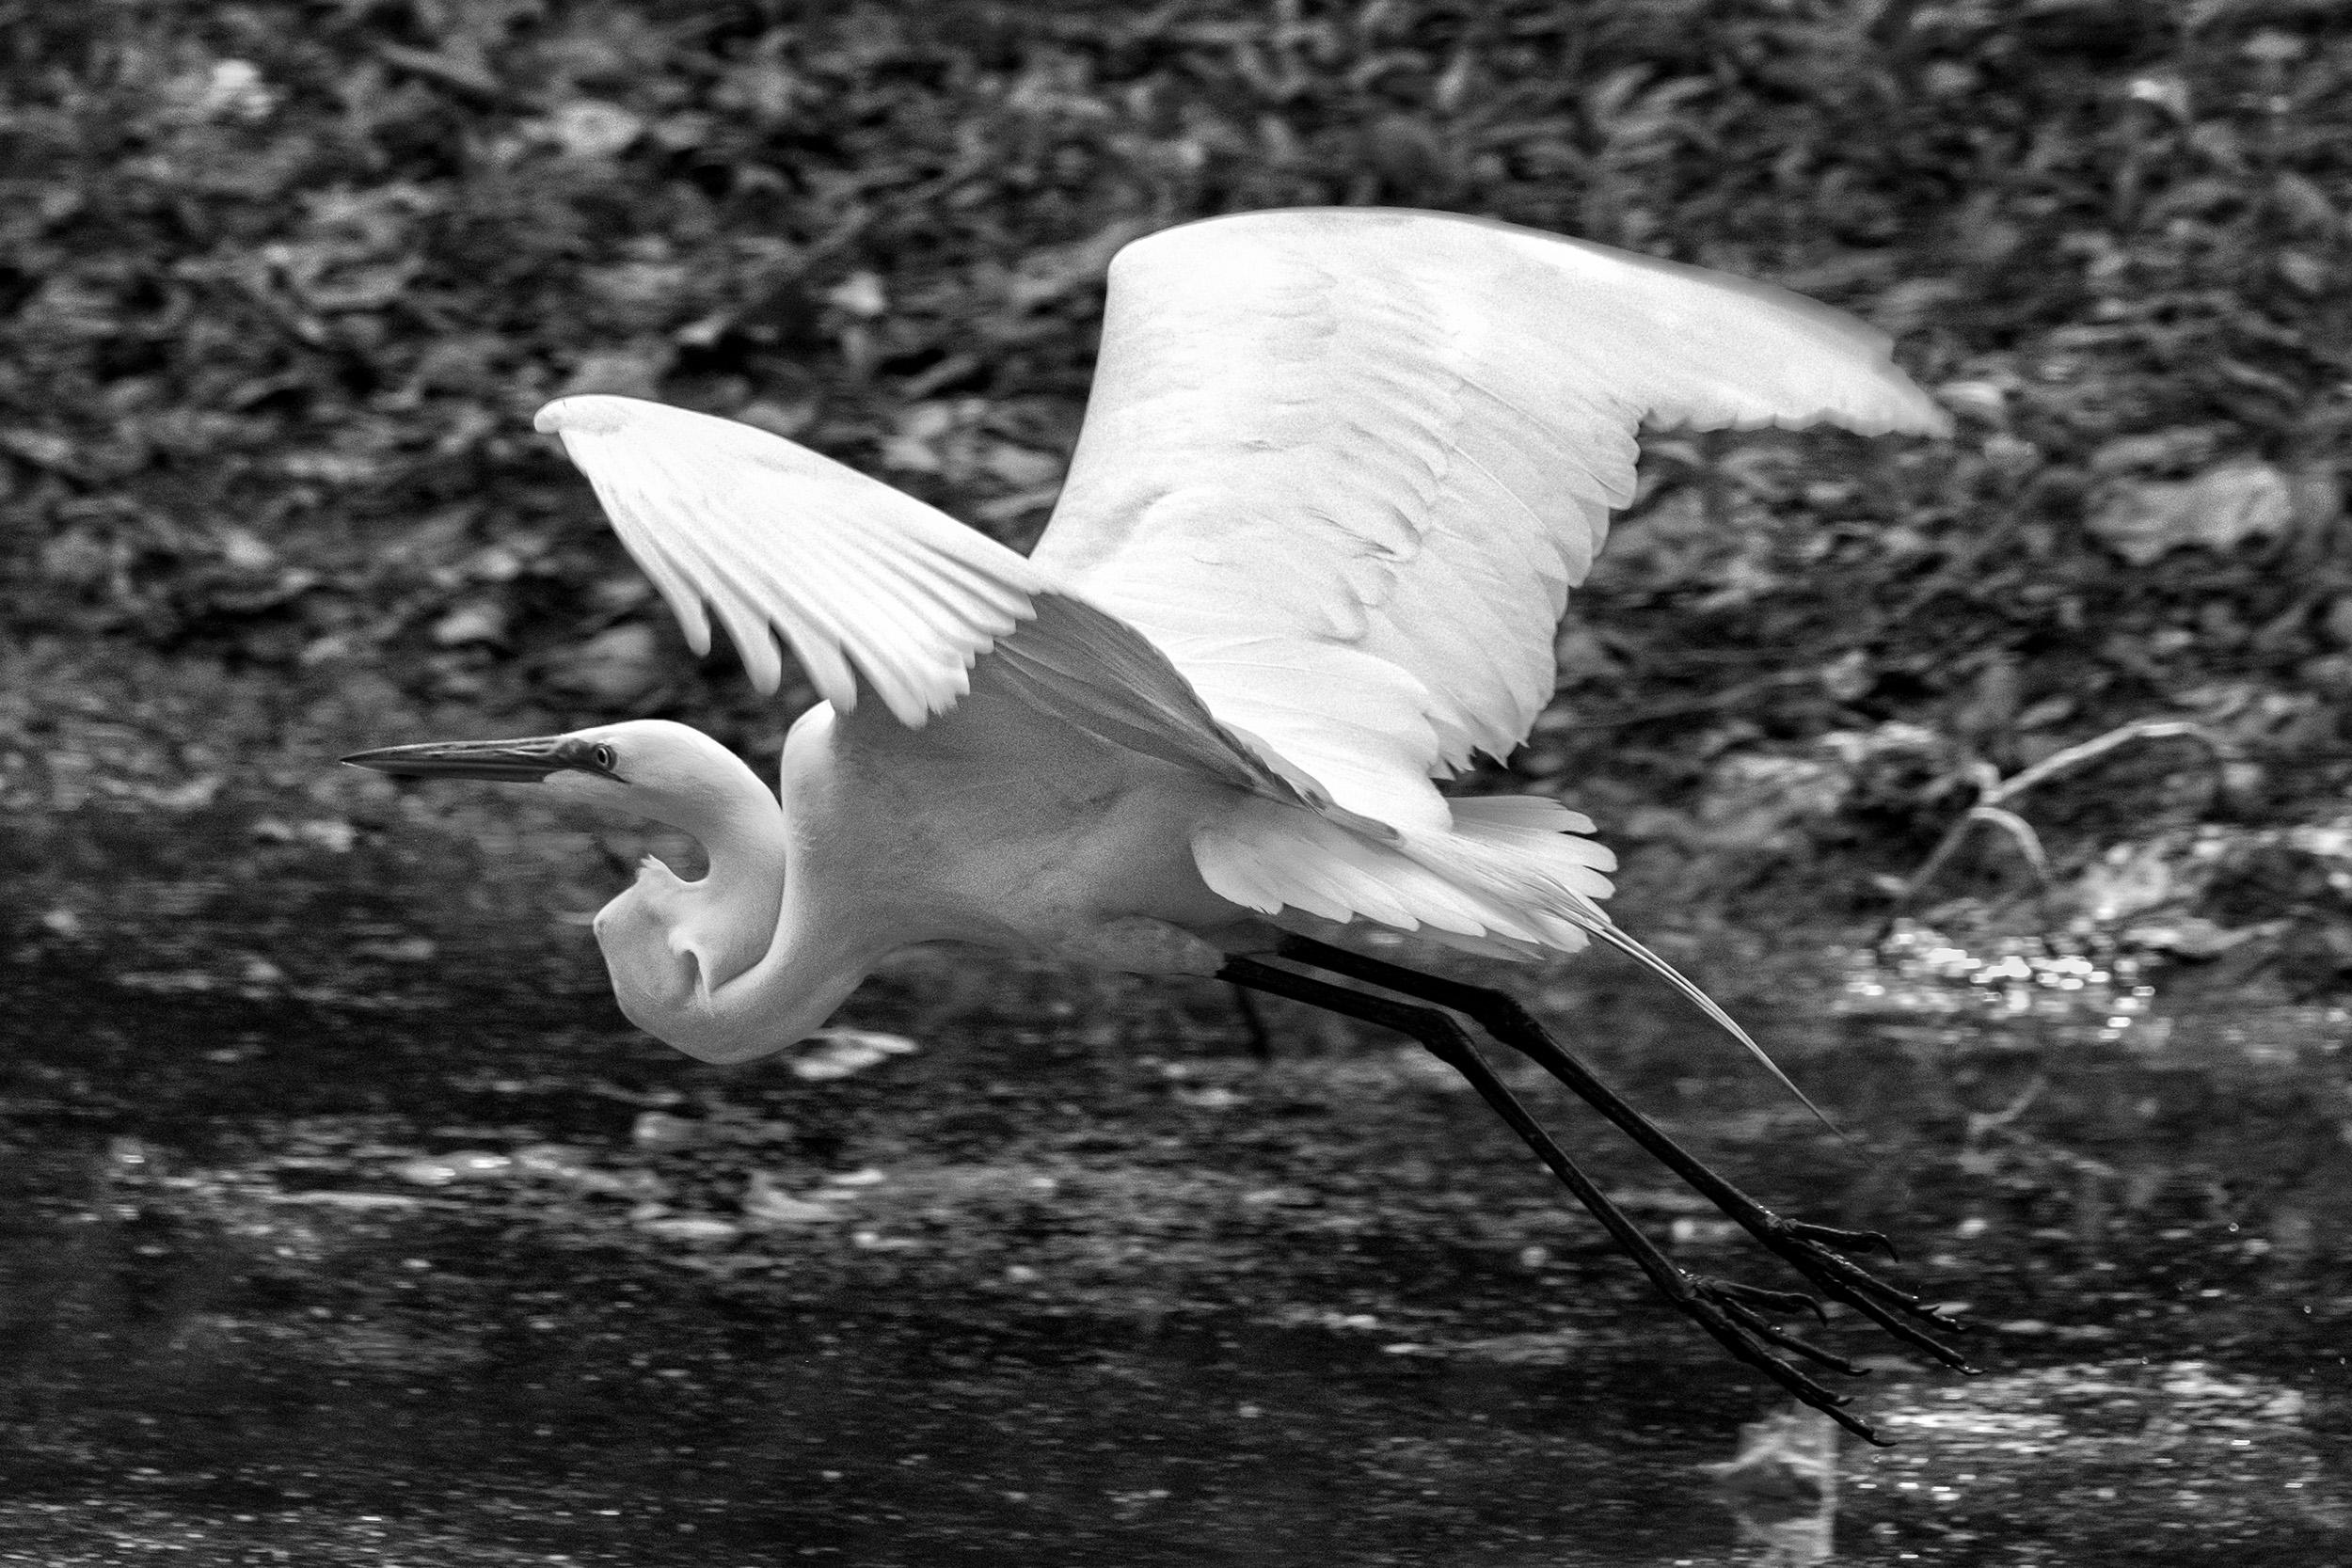 190525 GF Herons 005-1 bw.jpg